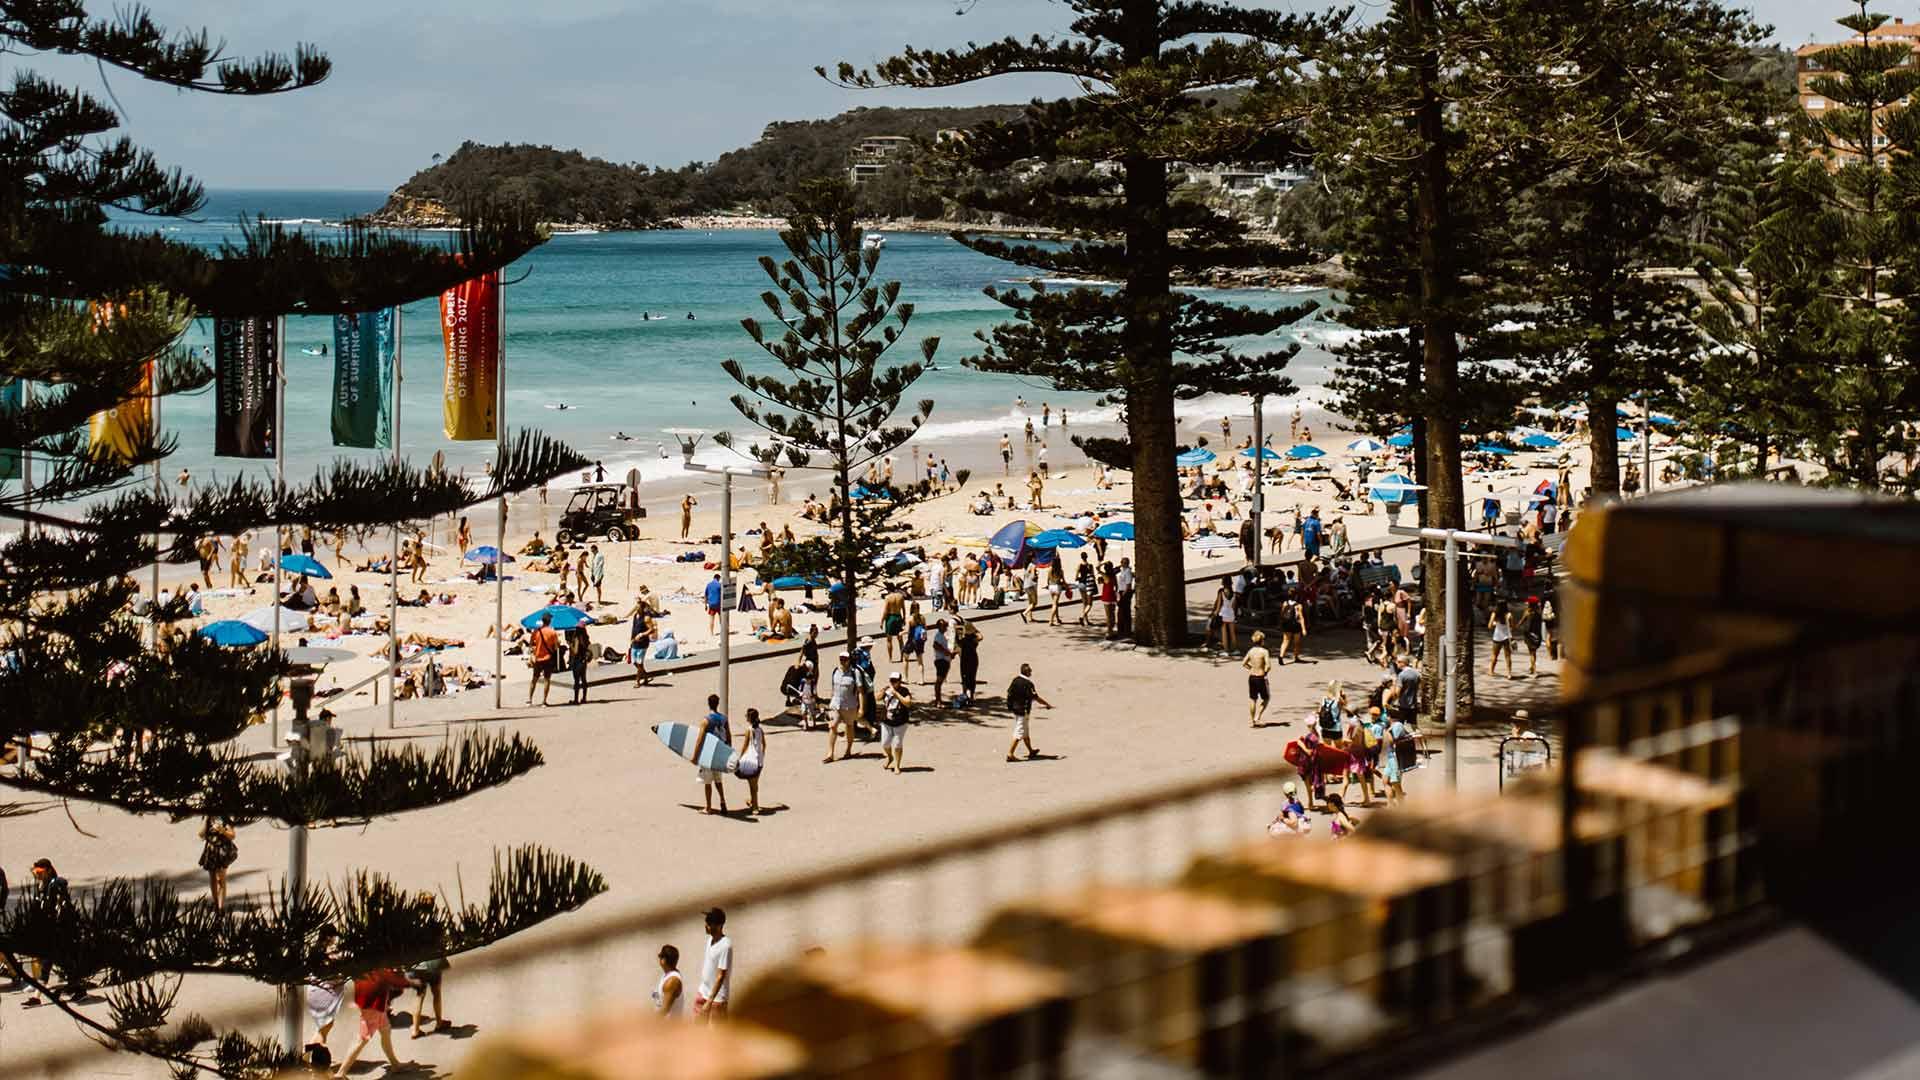 hotel steyne moonshine supplied - Những sự kiện trong tuần này để có buổi hẹn hò ấn tượng tại Sydney